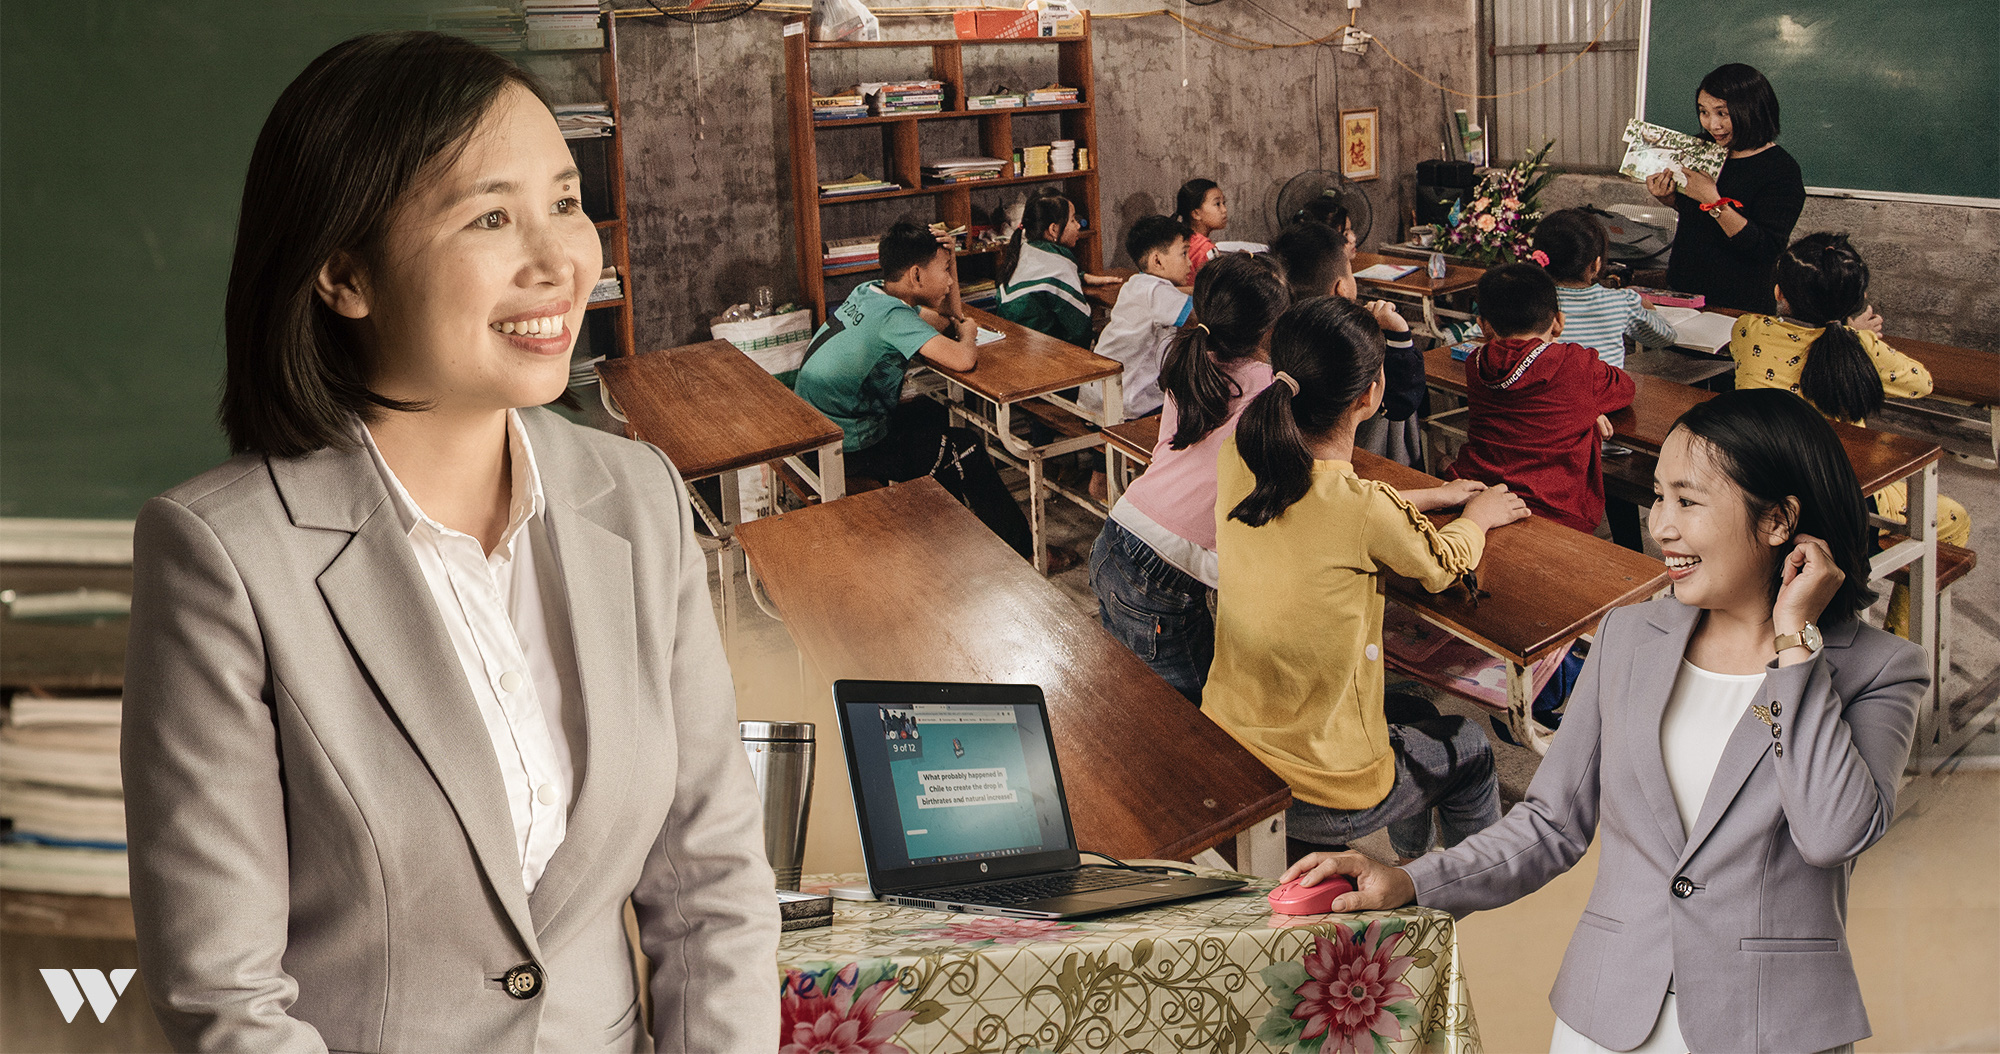 """Từ chối công việc tại Tập đoàn Microsoft Canada, """"cô giáo Skype"""" trở về trường làng dạy học: """"Cô hạnh phúc thì trò mới hạnh phúc!"""" - Ảnh 6."""